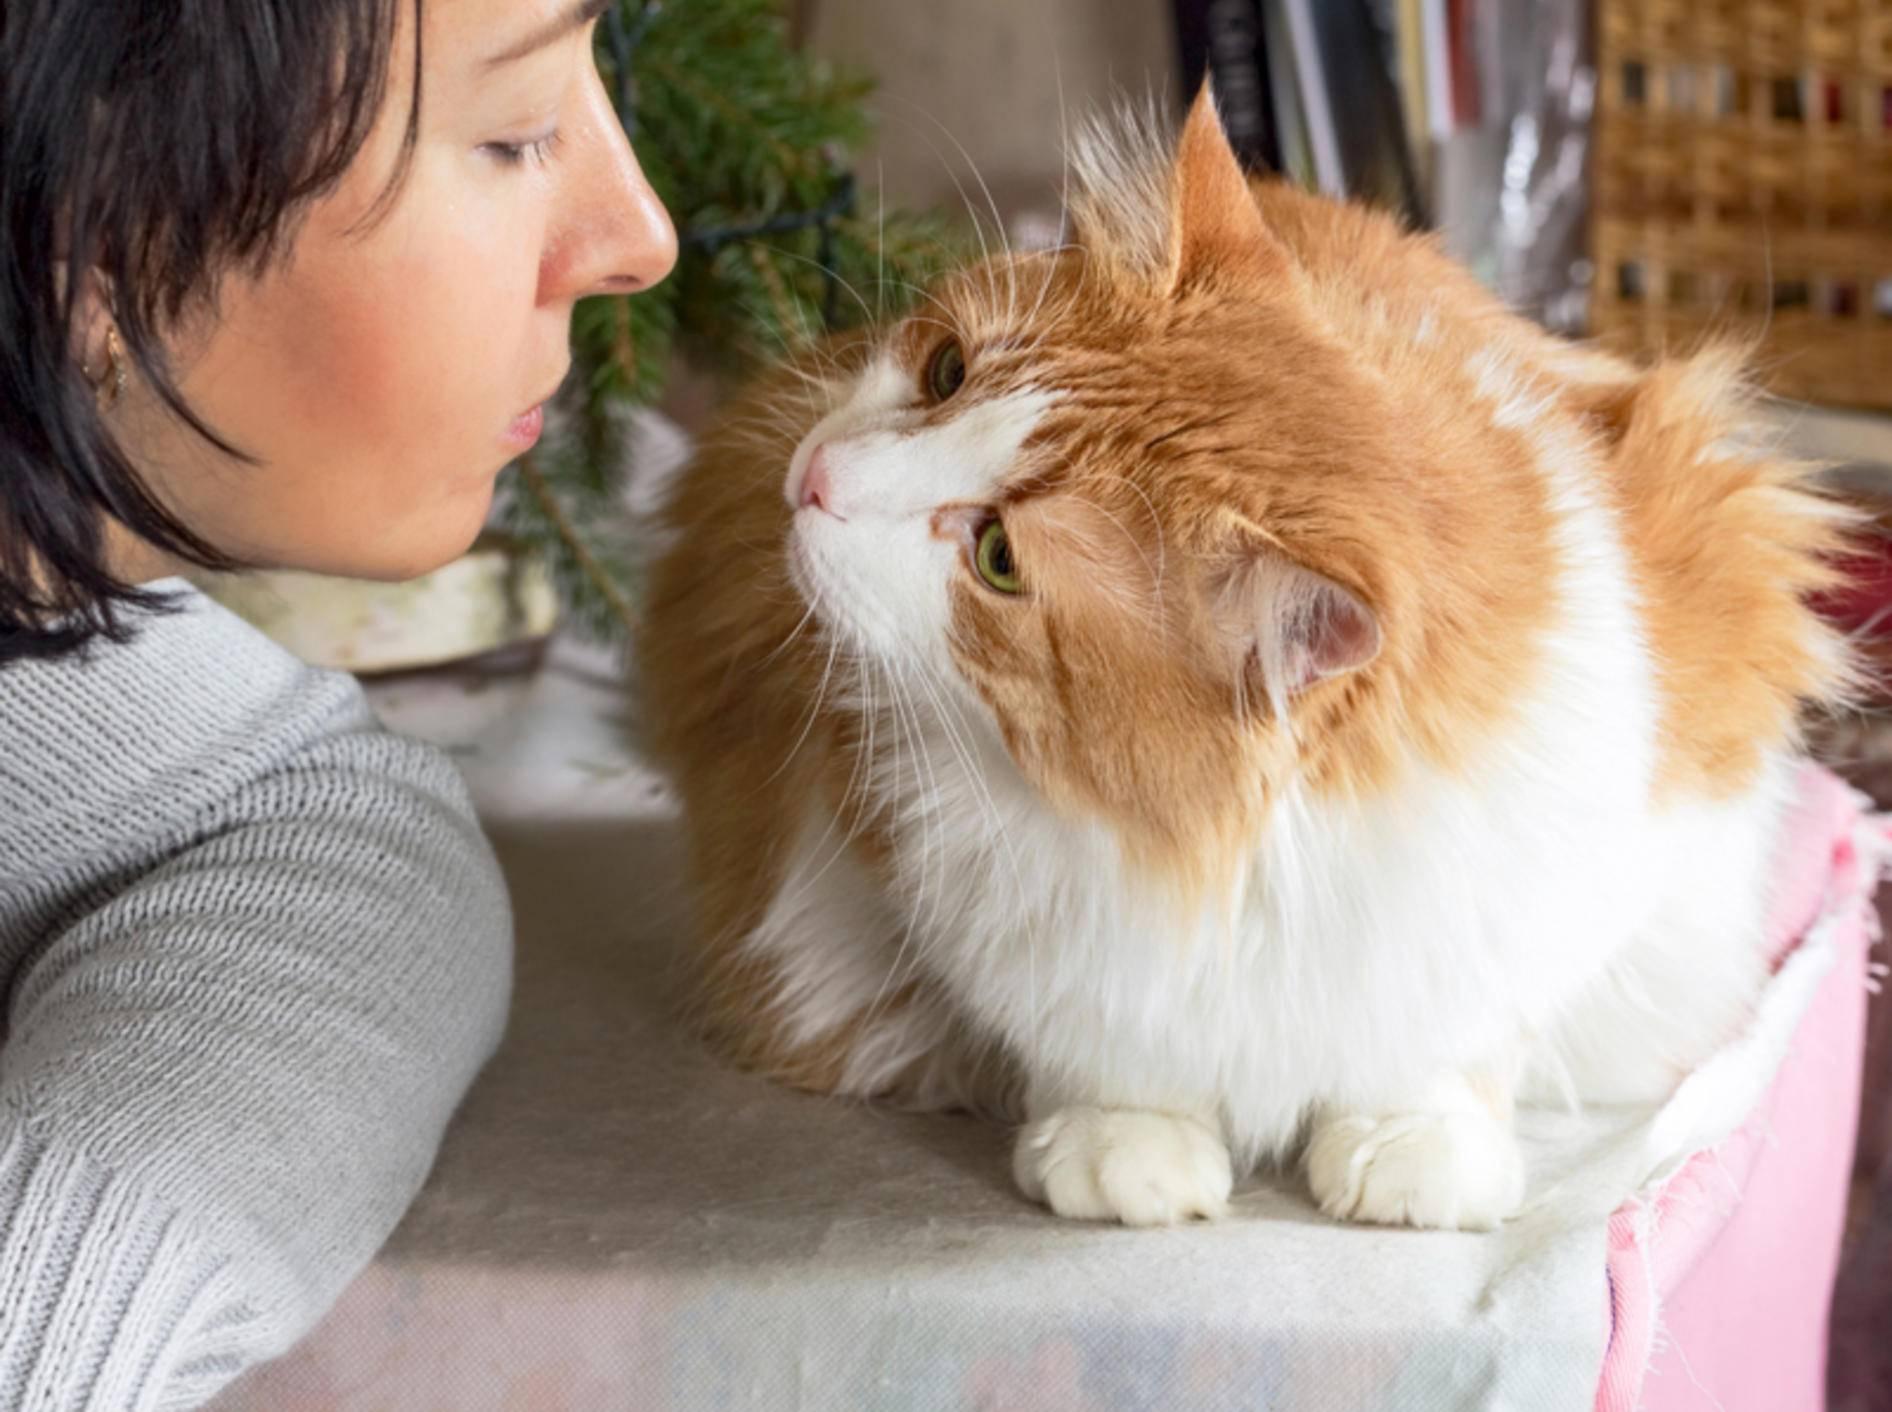 Wichtig für die Mensch-Katze-Beziehung: Miteinander sprechen – Shutterstock / Belozerova Daria